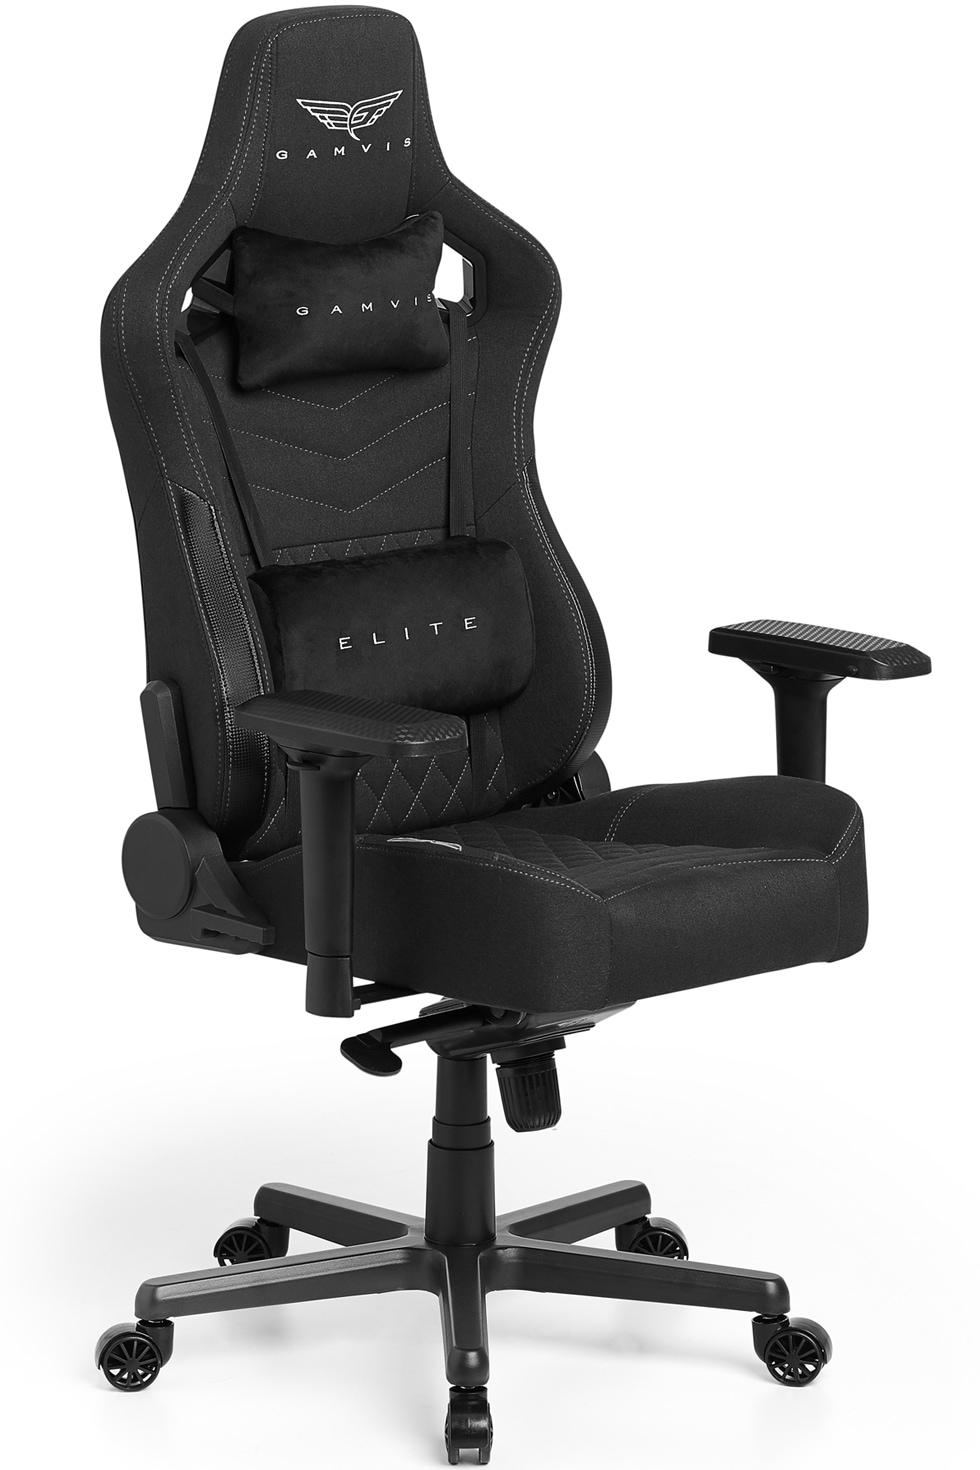 Materiałowy Fotel gamingowy Gamvis Elite 2.0 XL Czarny Diamond White